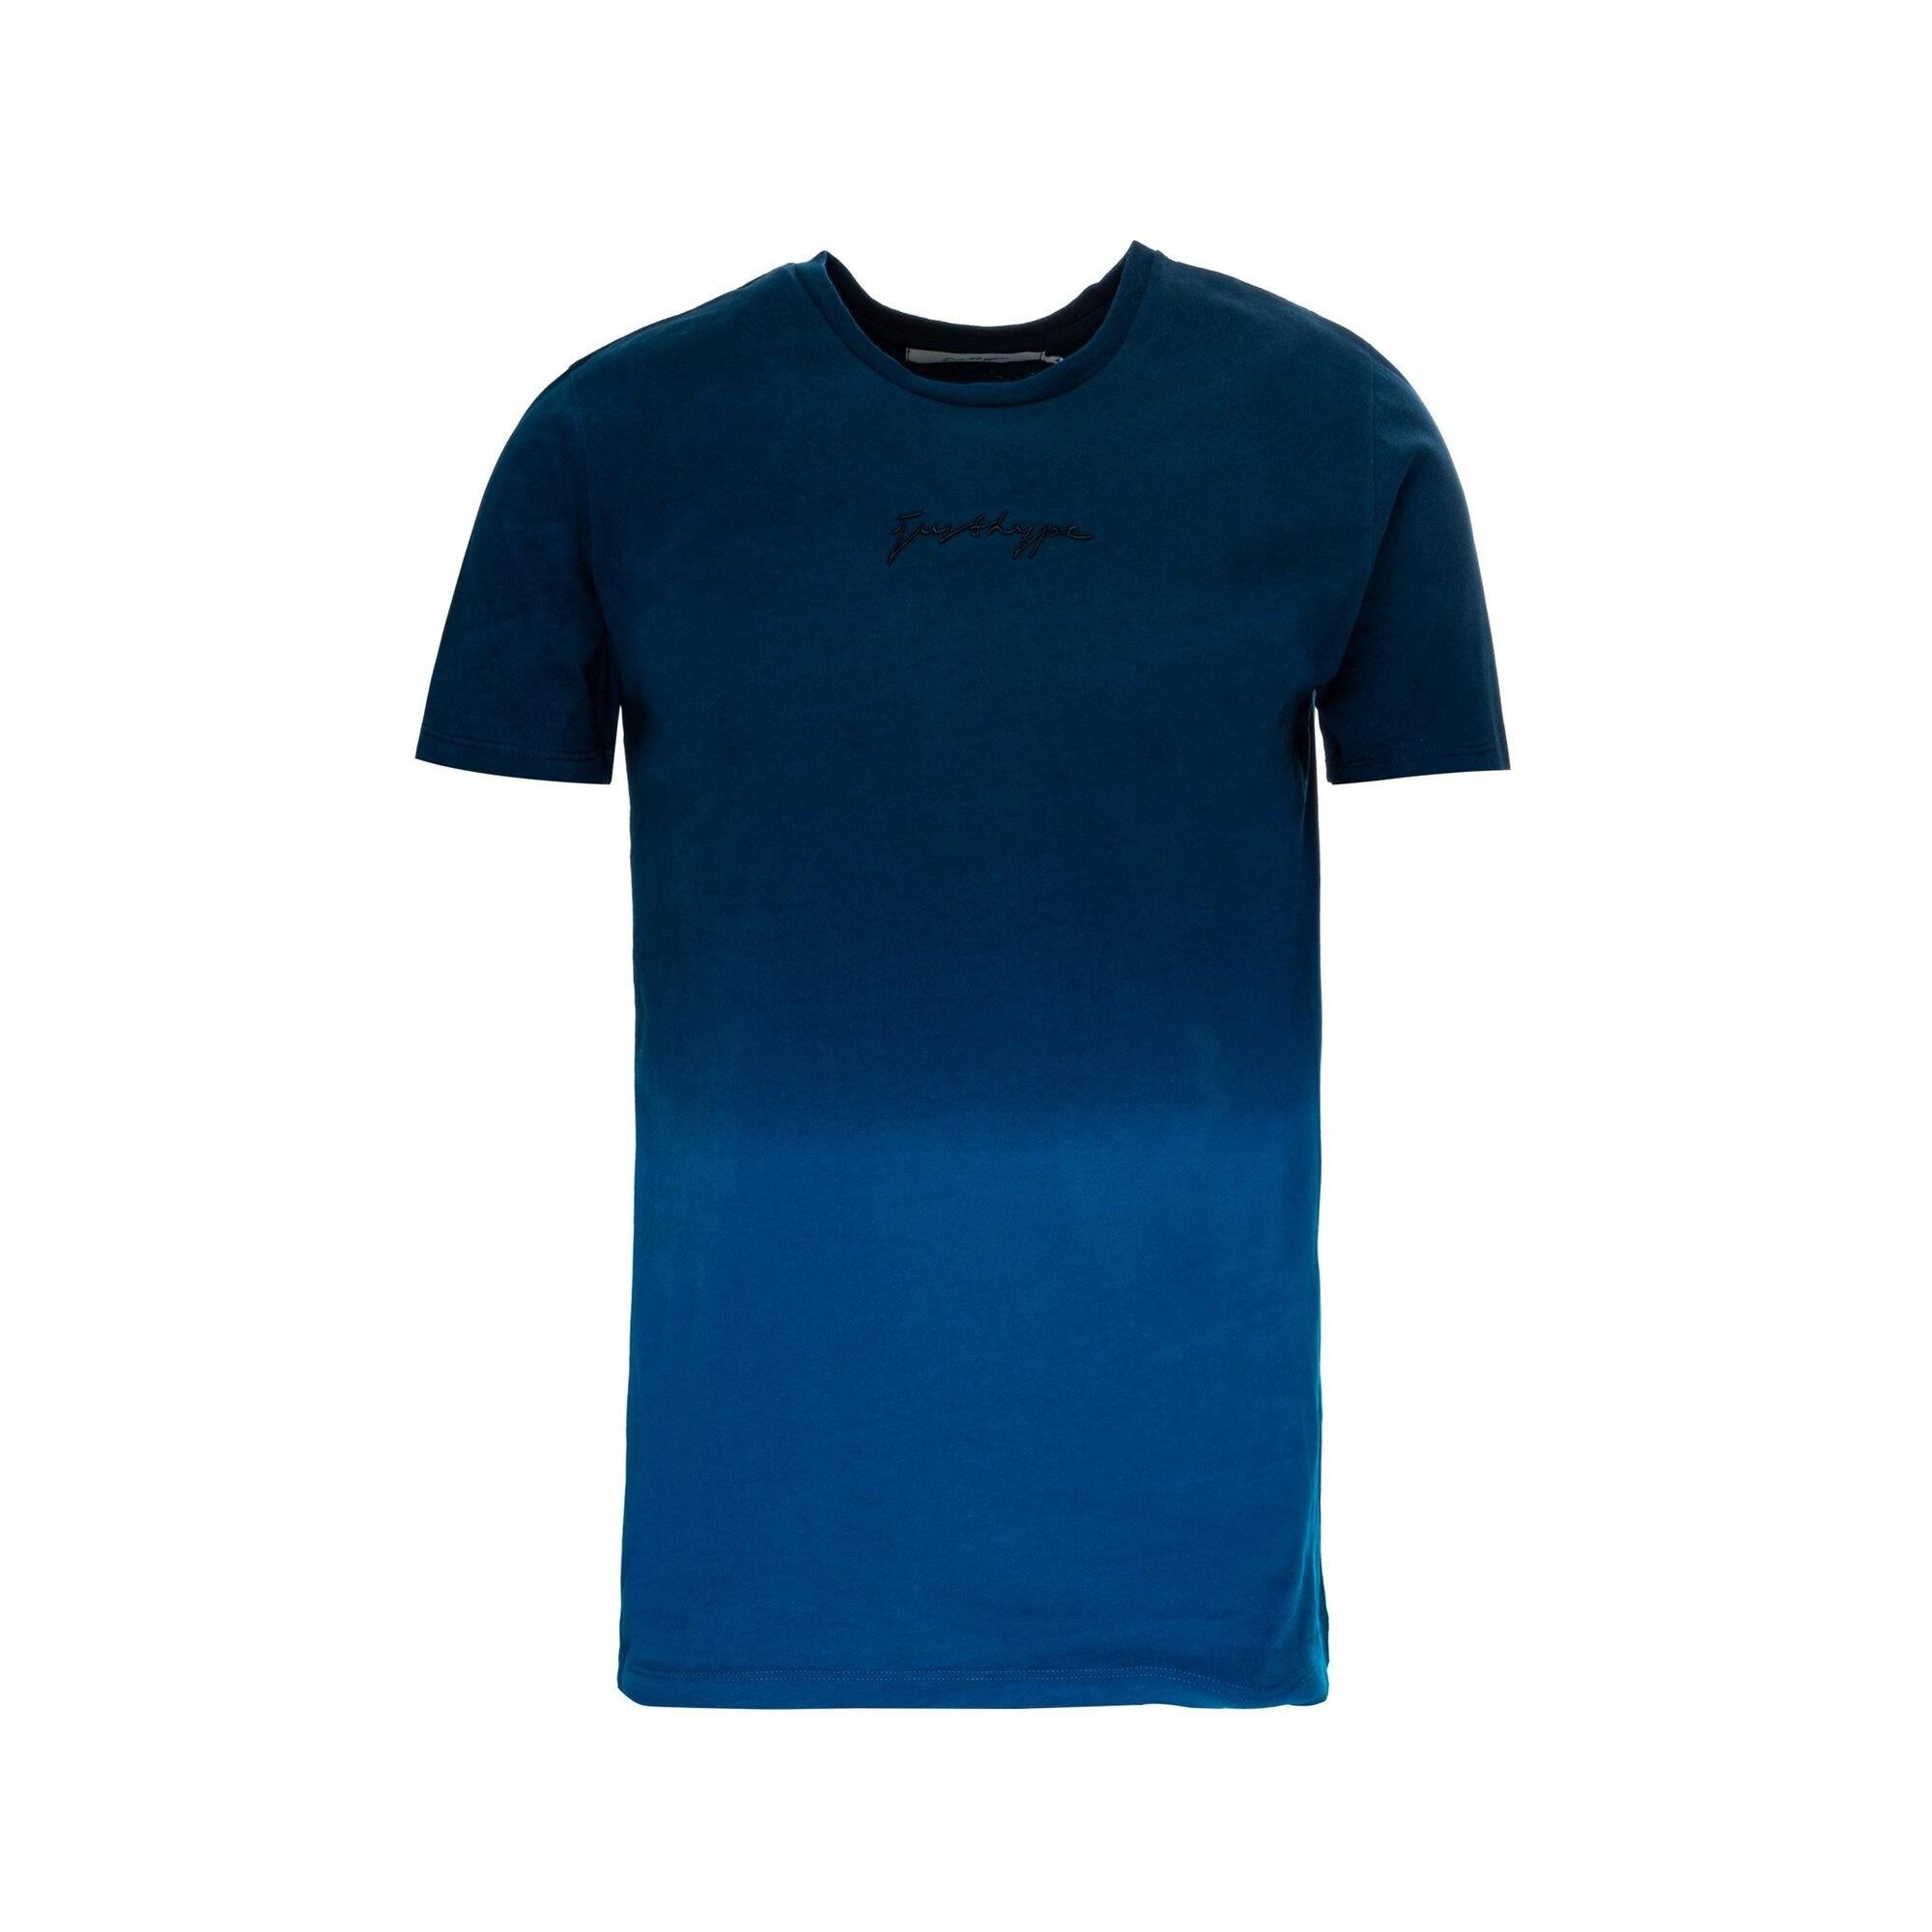 Hype Mens Fade T-Shirt (M) (Navy/Blue)